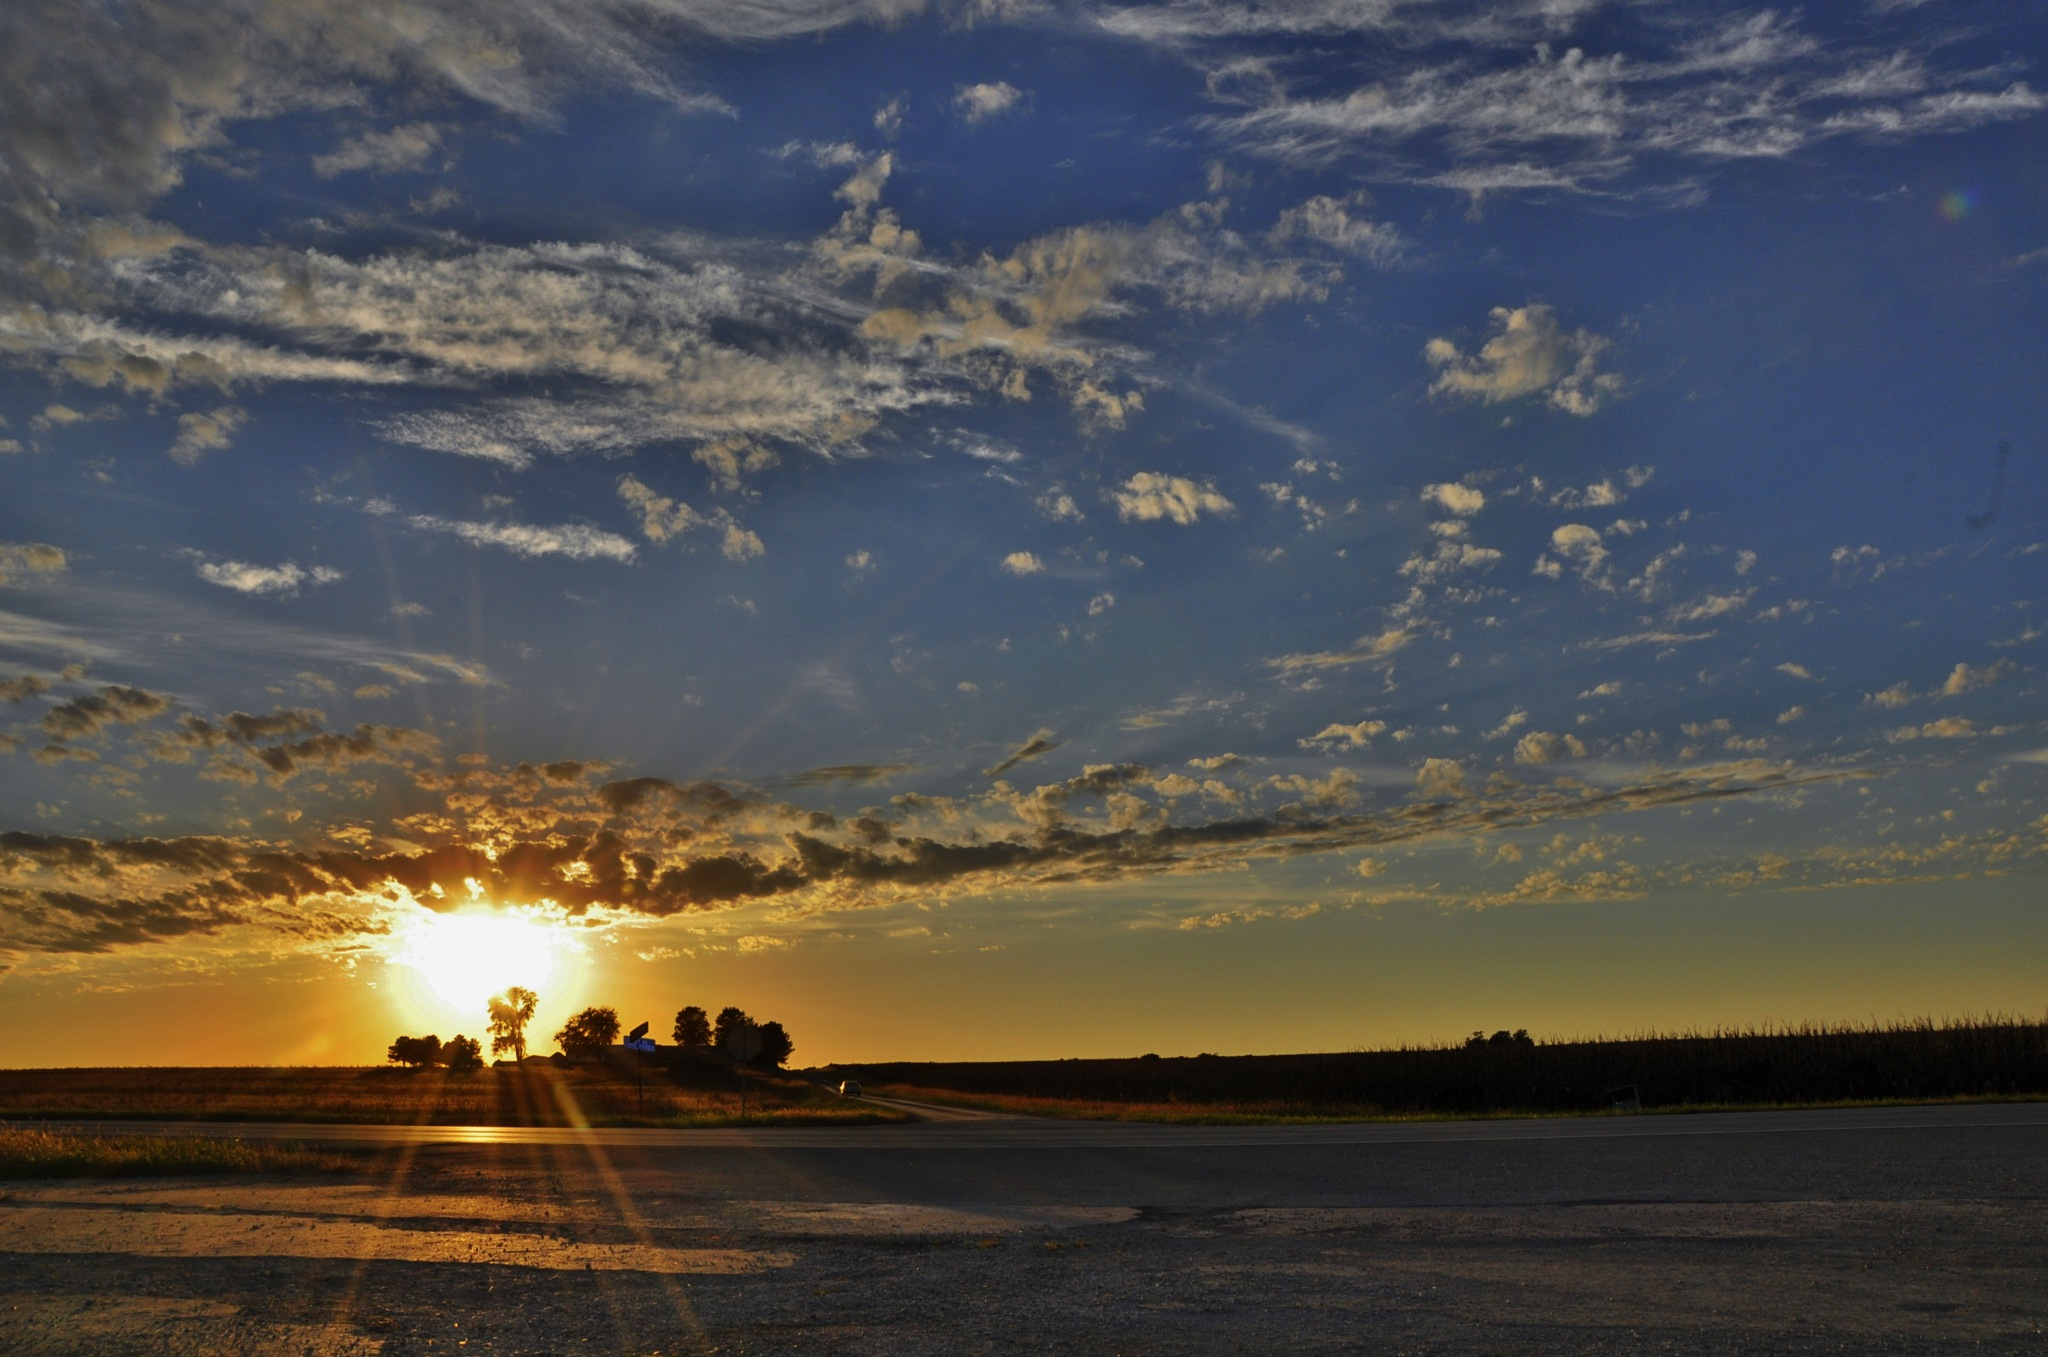 Sunset on an Illinois farm. by debbylesko